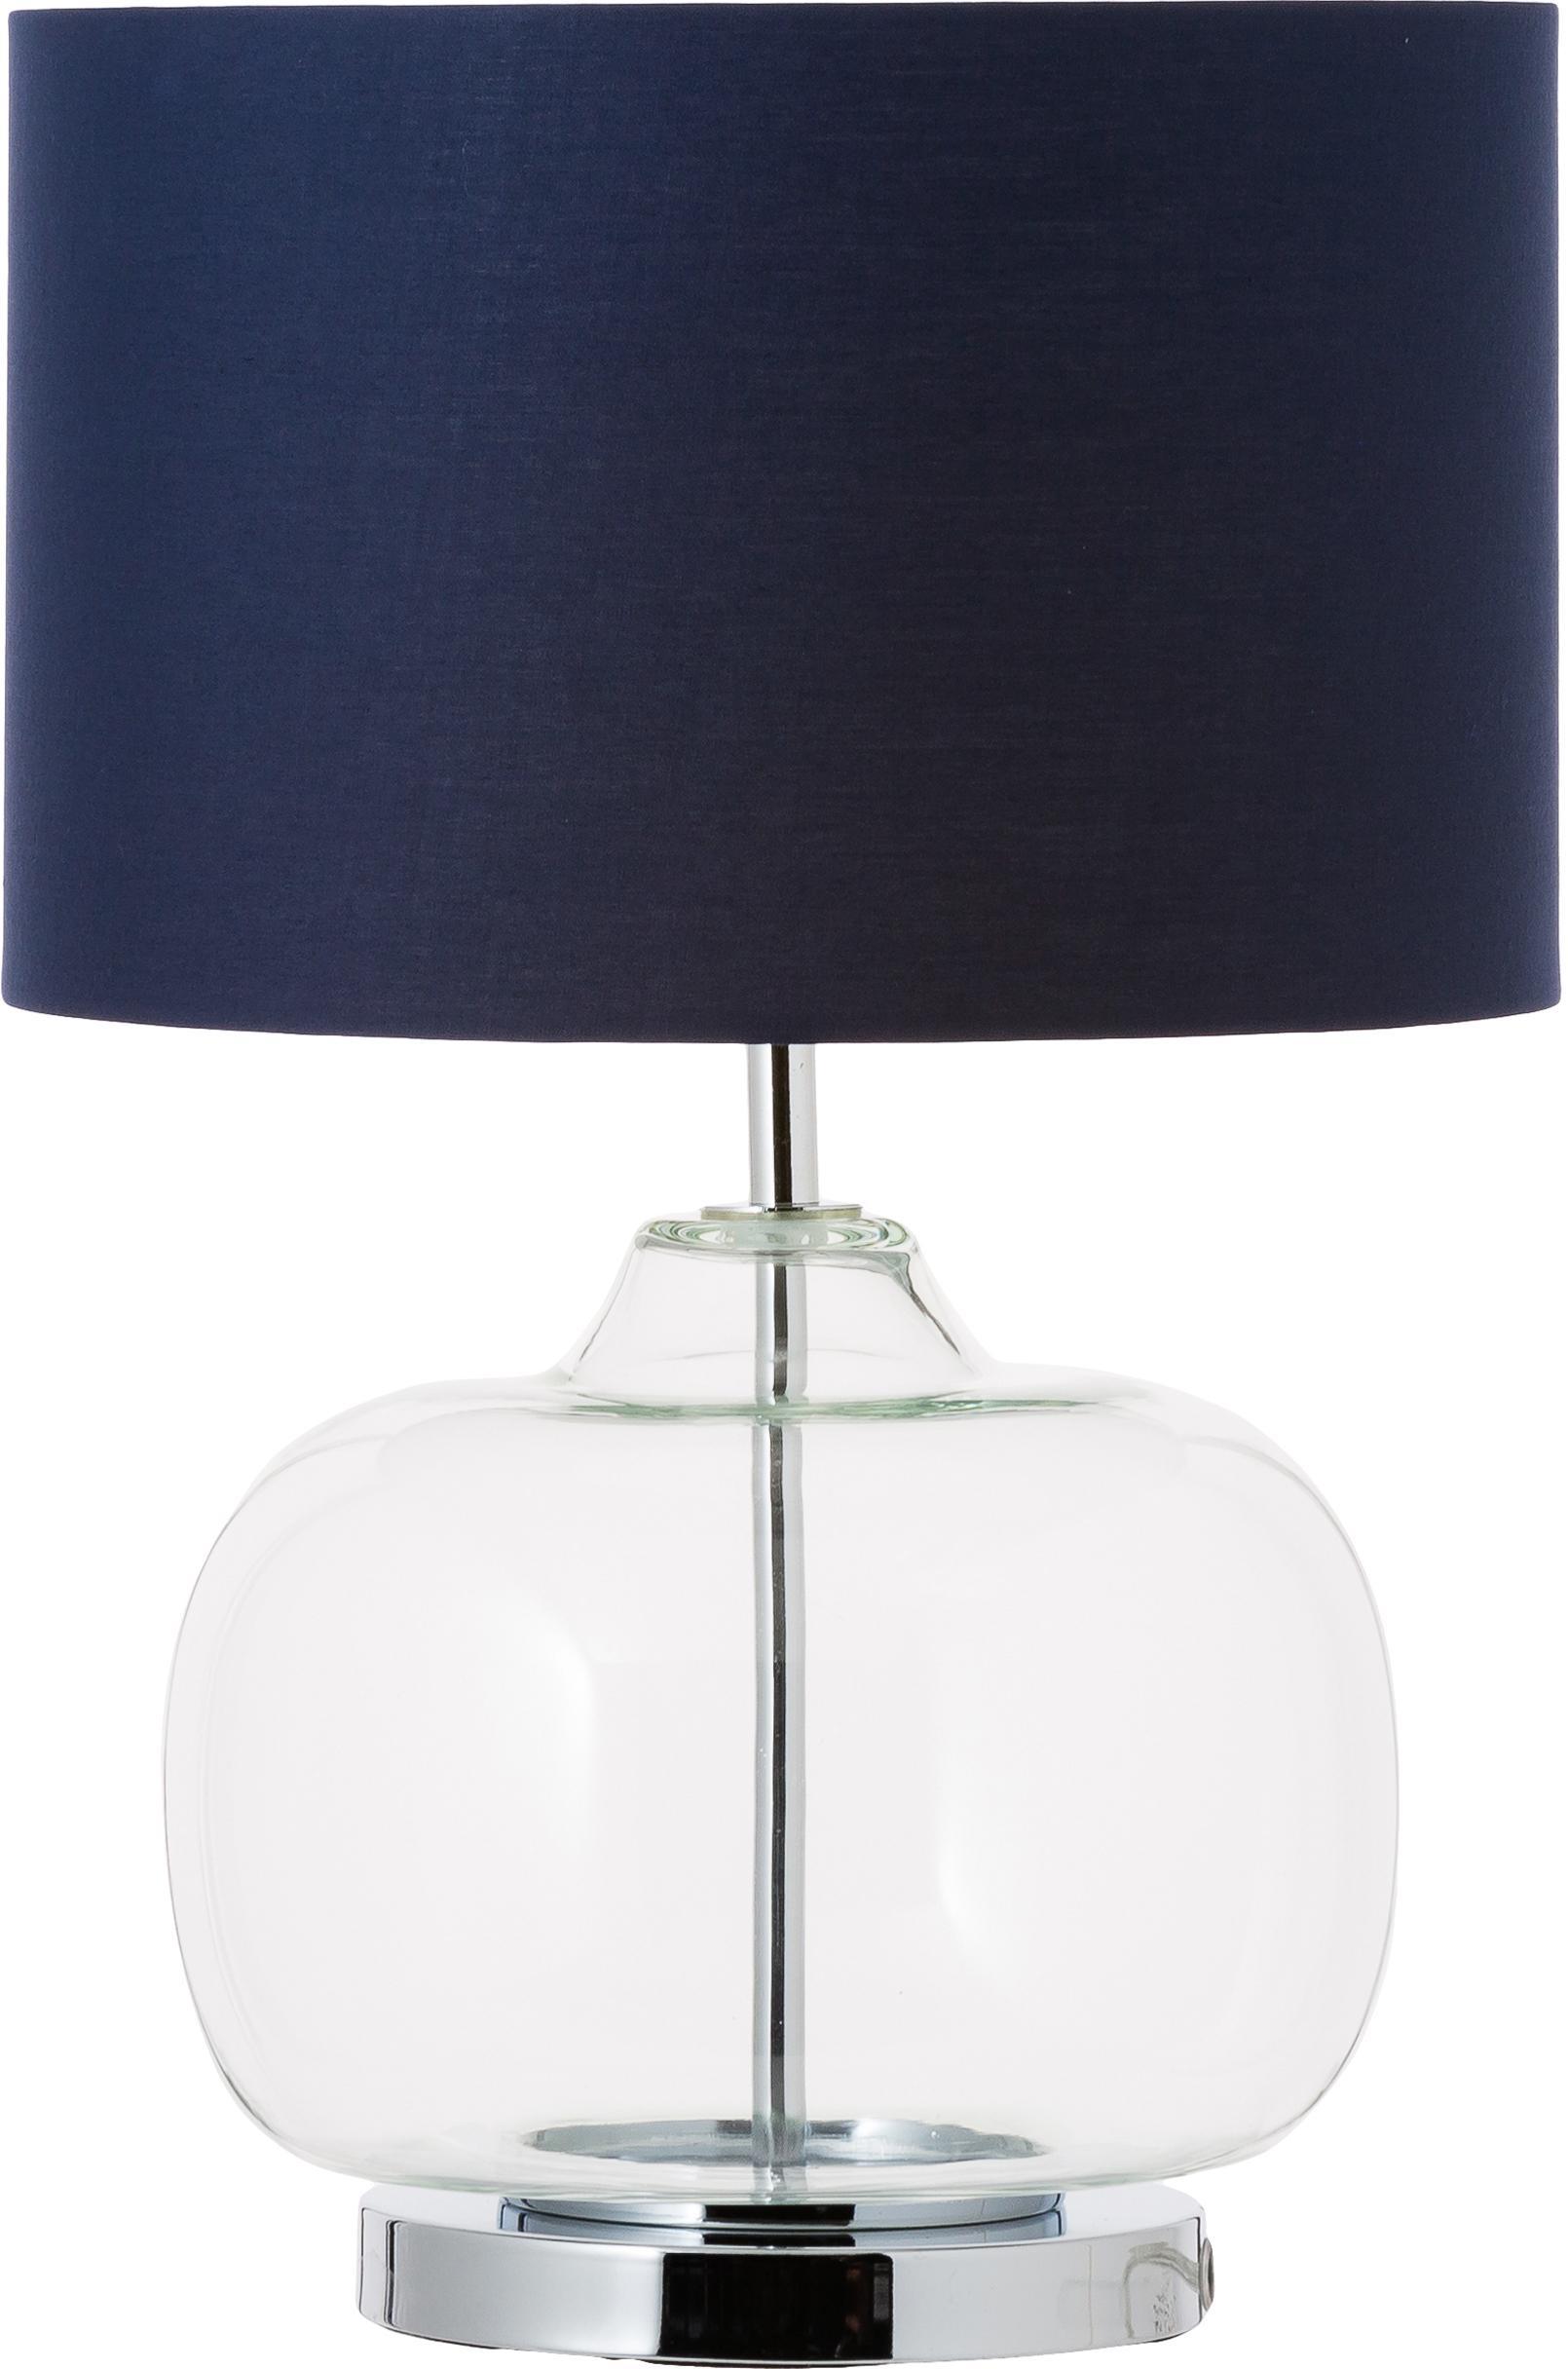 Tafellamp Amelia, Lampvoet: glas, Lampenkap: katoen, Donkerblauw, Ø 28 x H 41 cm